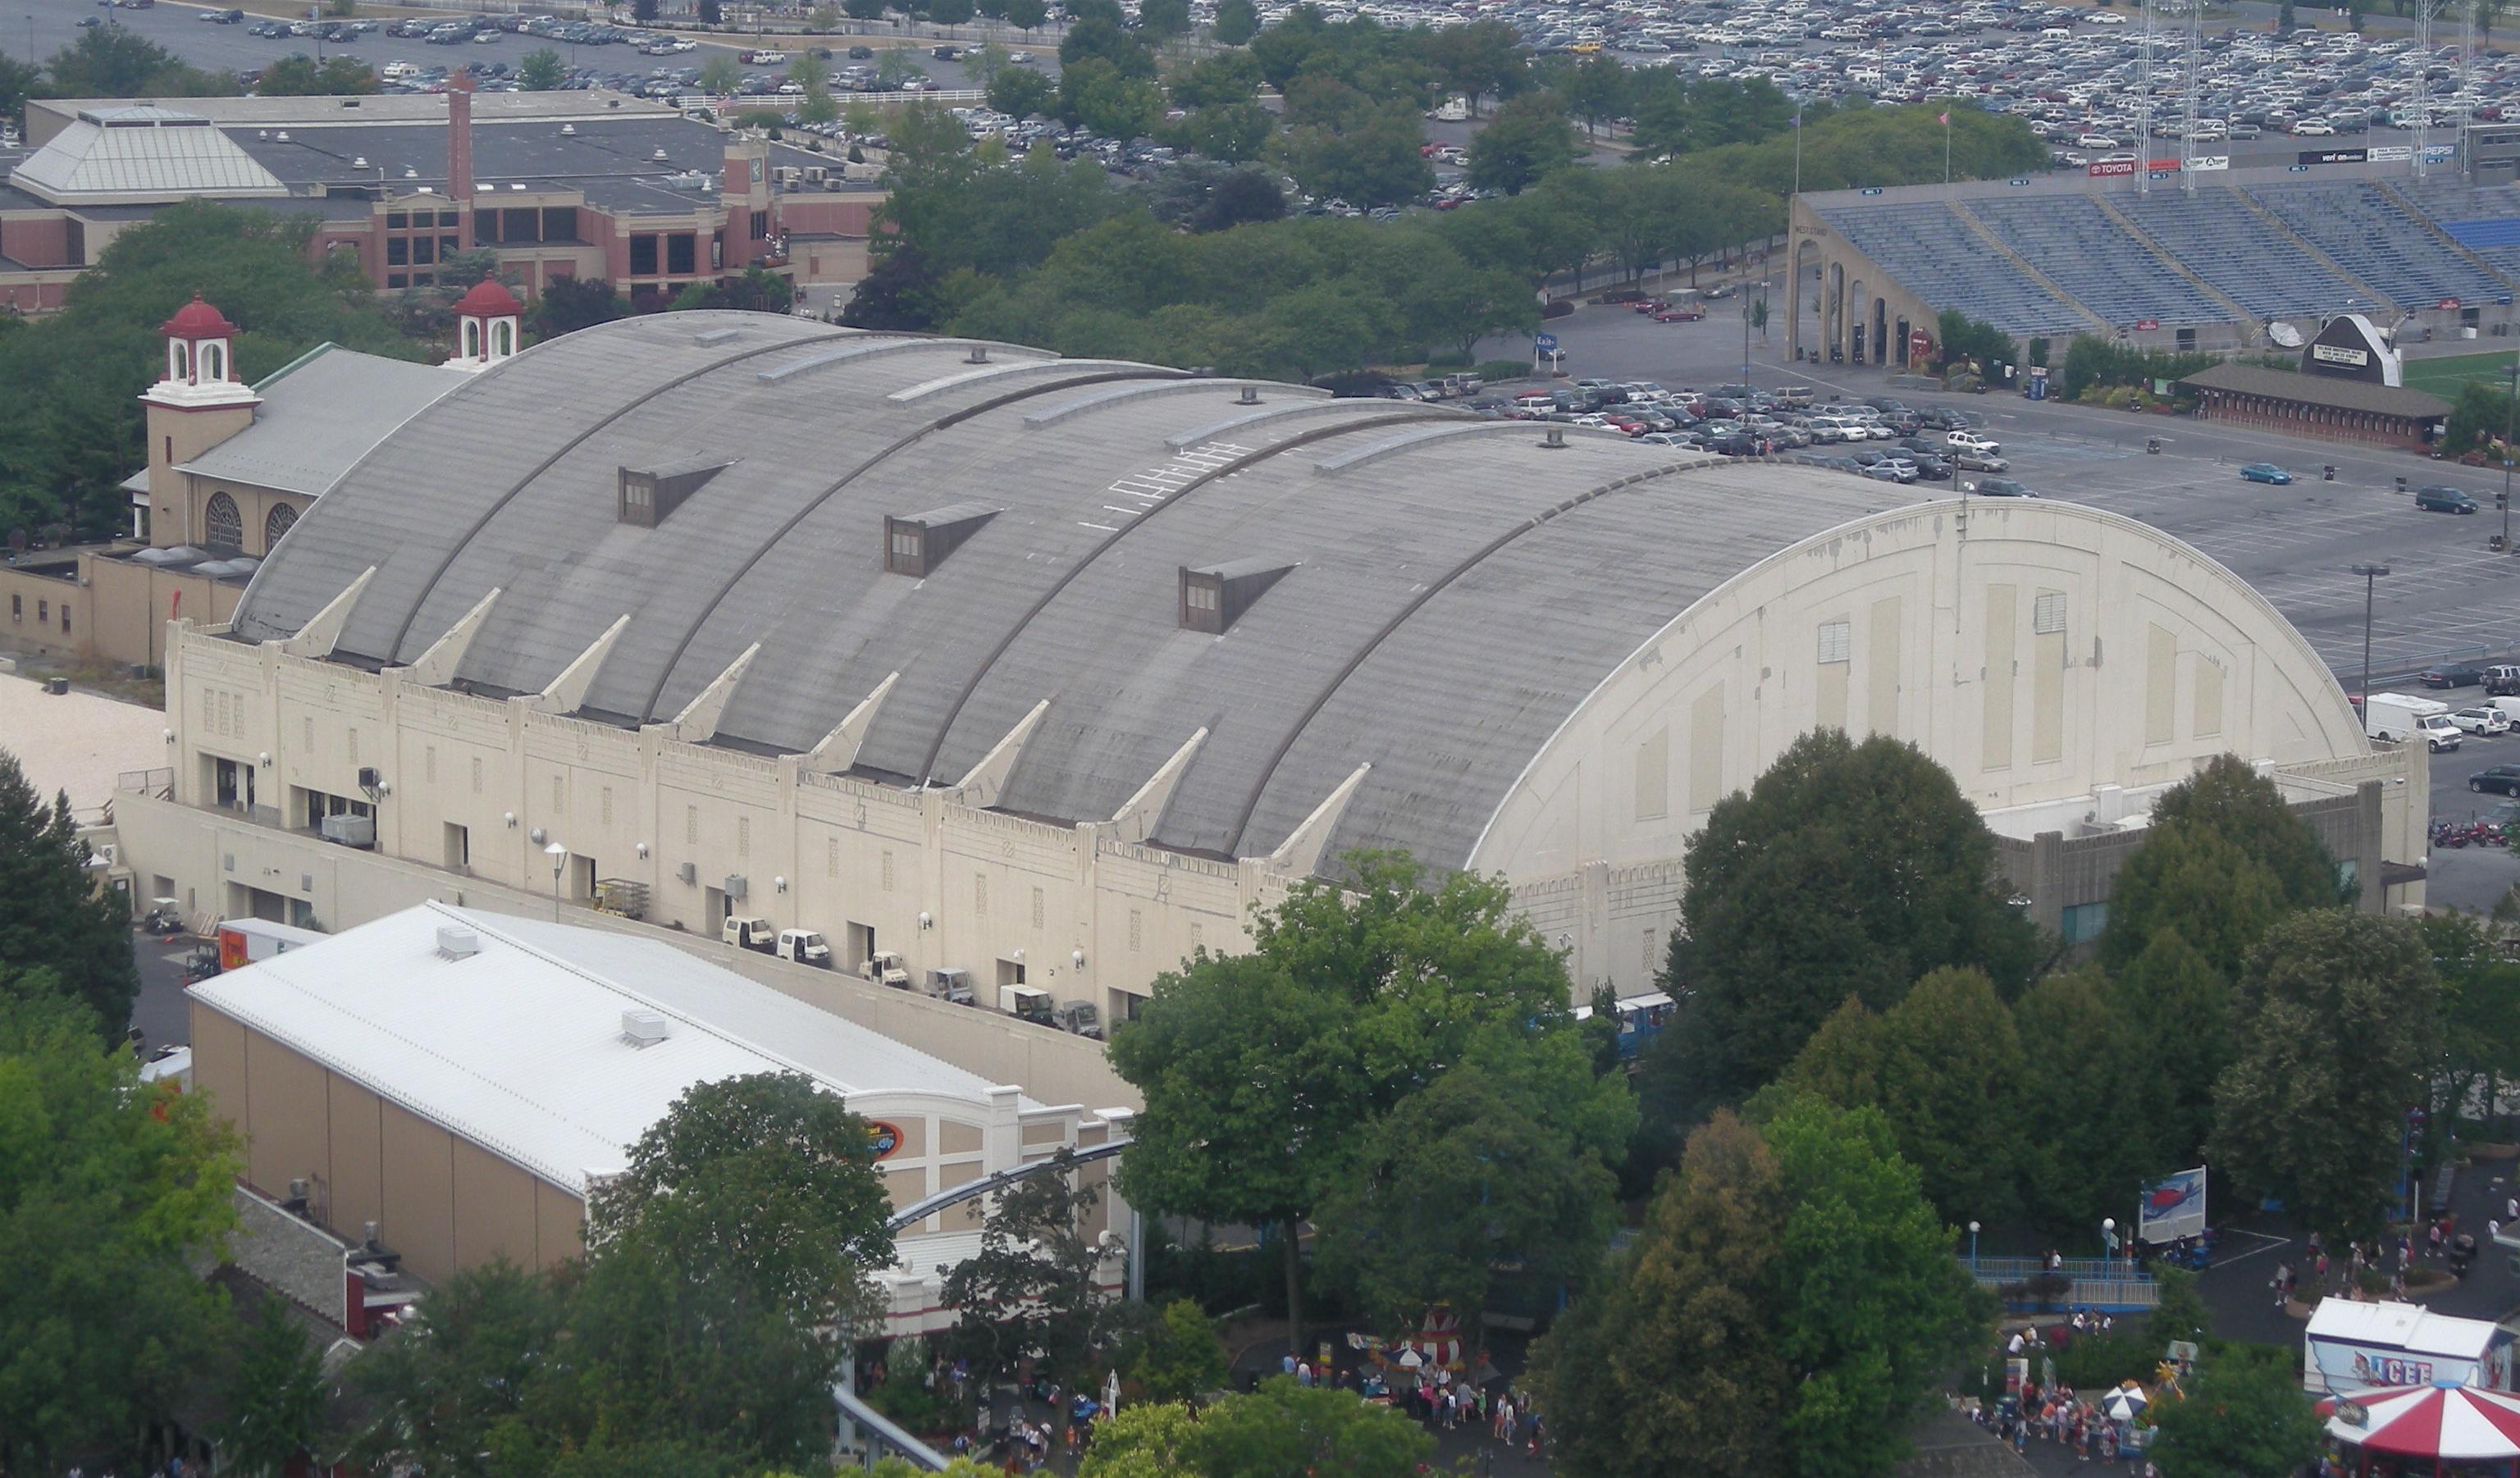 Hershey_Park_Arena